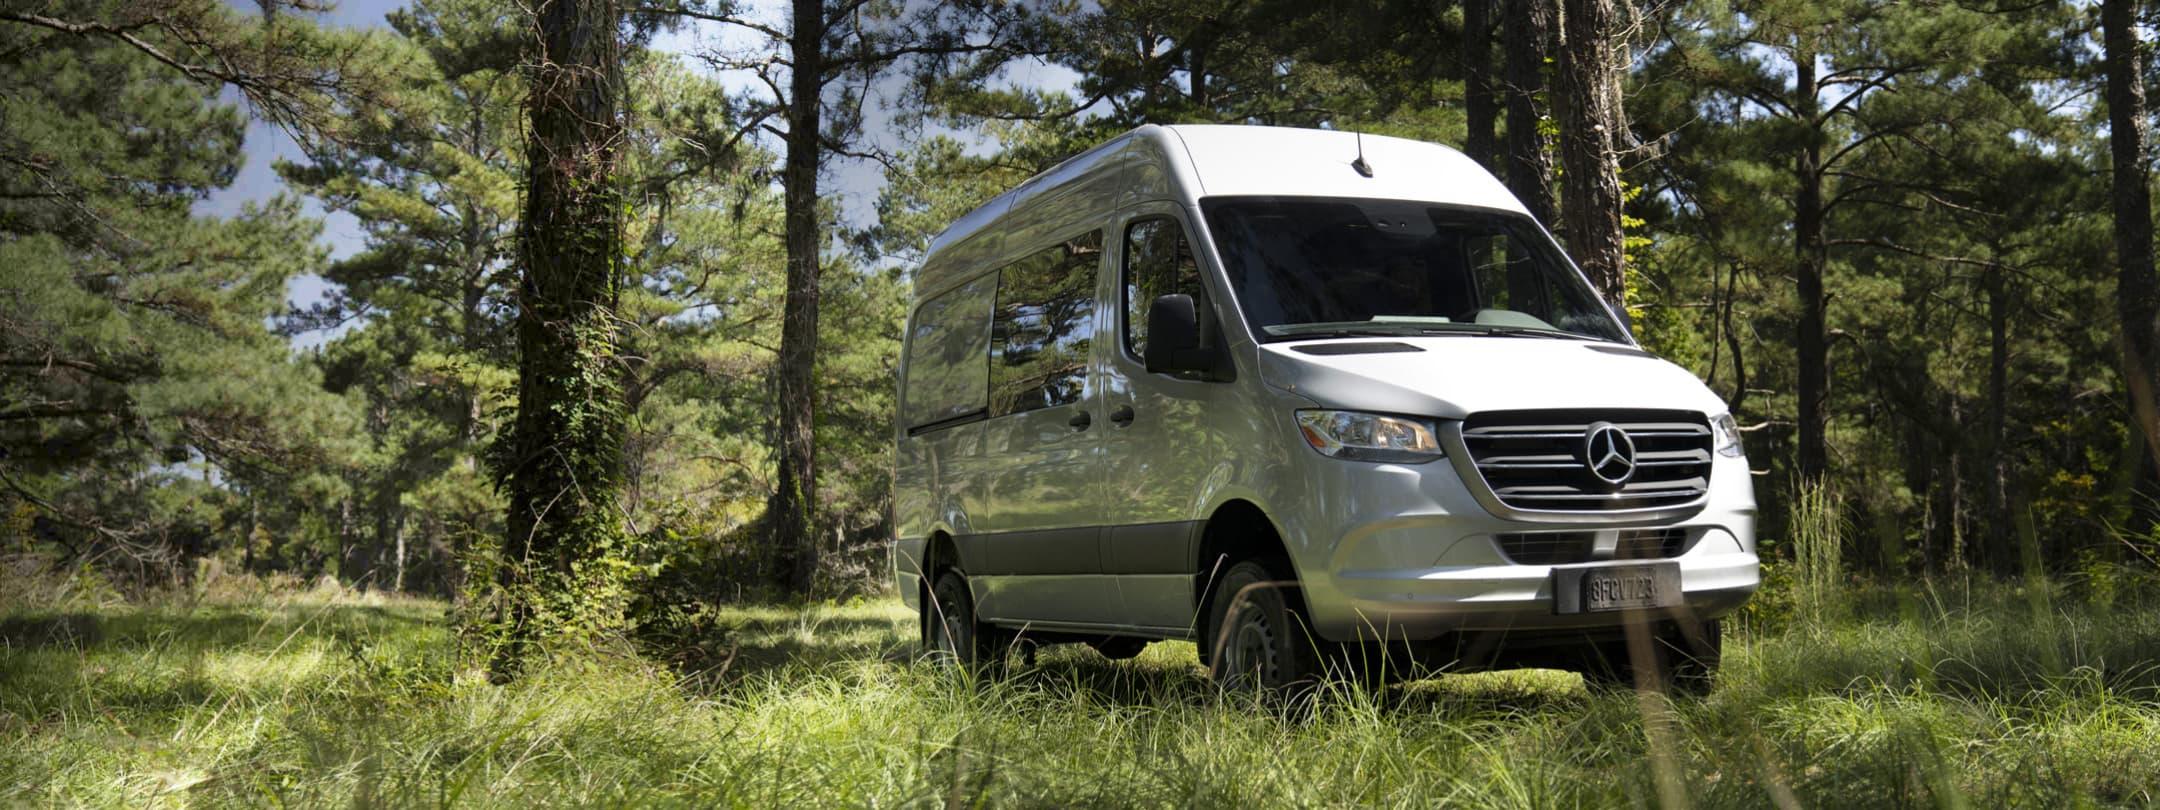 Sprinter Model Vans Mercedes Benz Vans